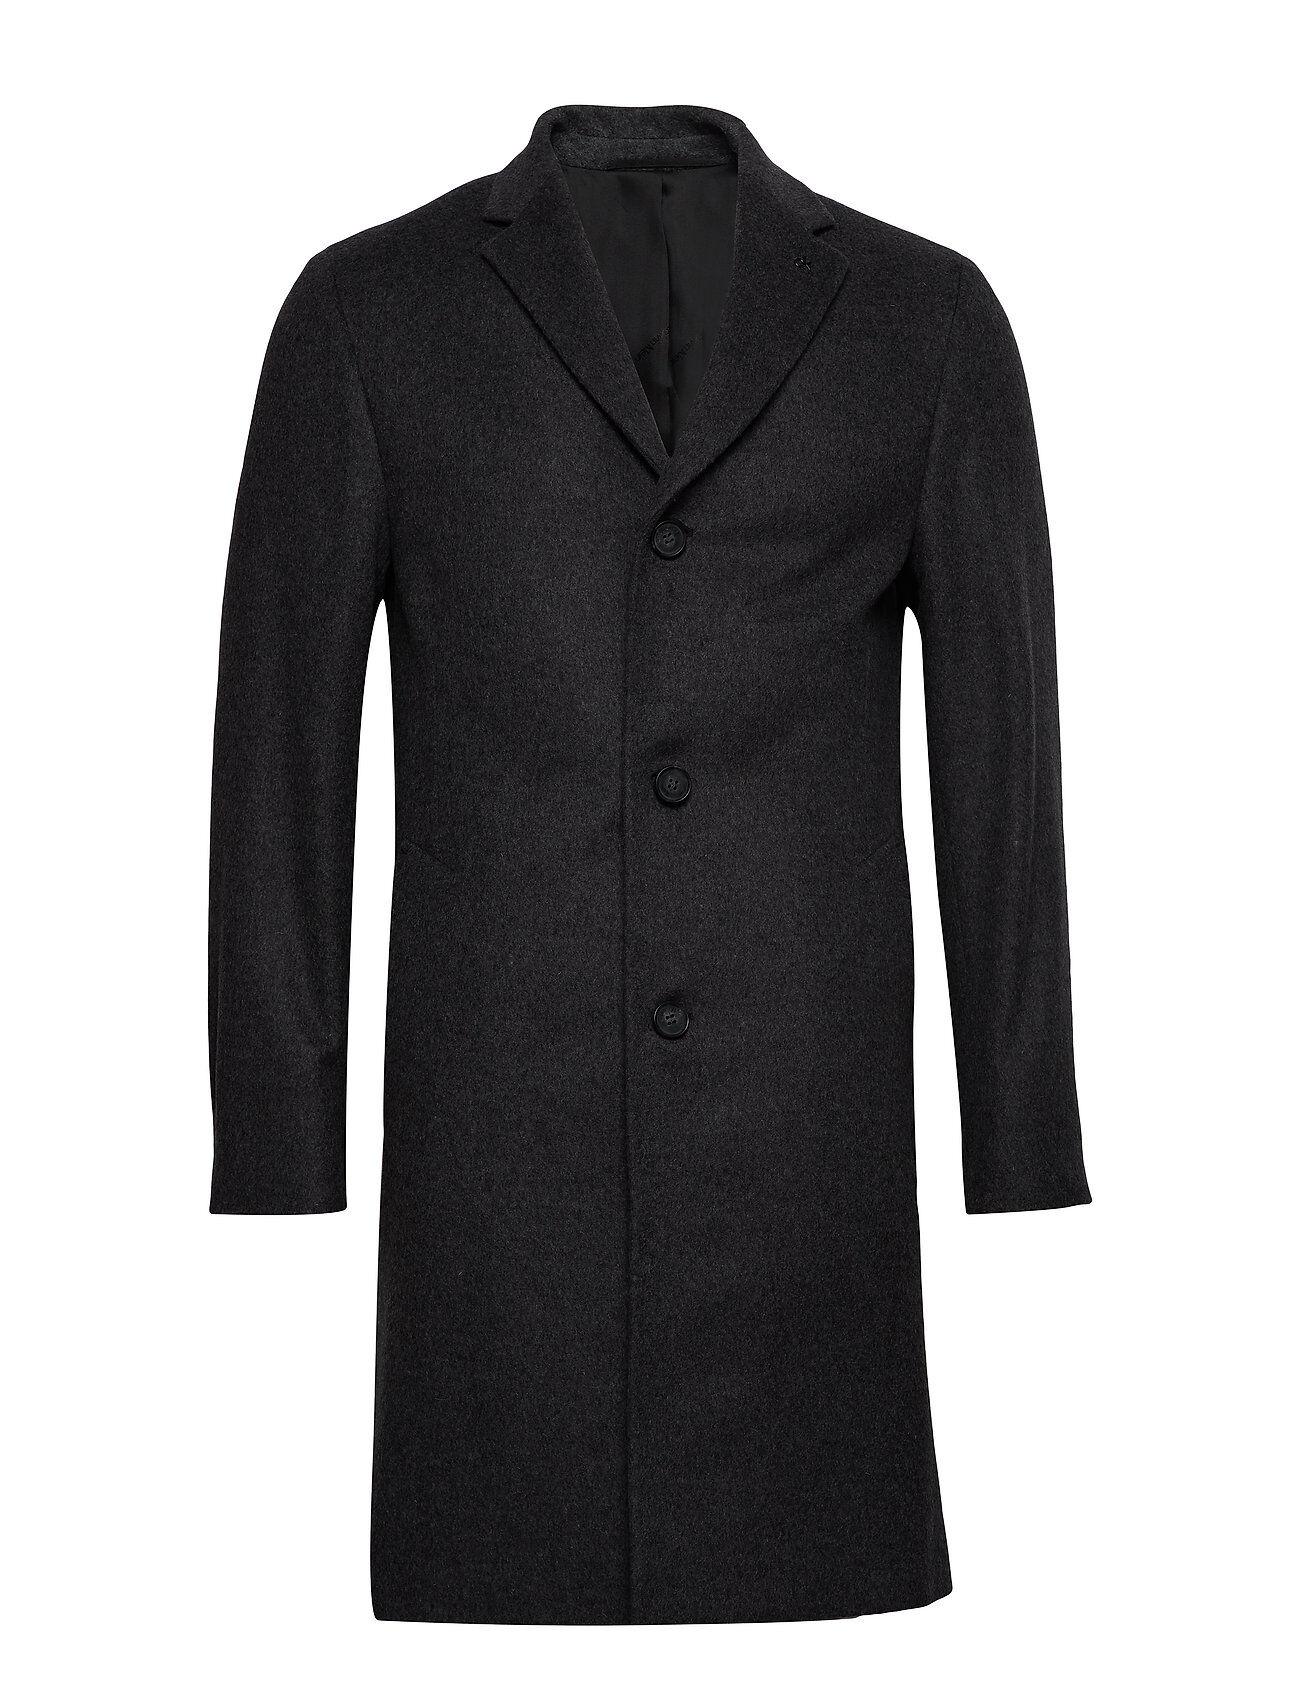 Image of Calvin Cashmere Wool Crombie Coat Villakangastakki Pitkä Takki Musta